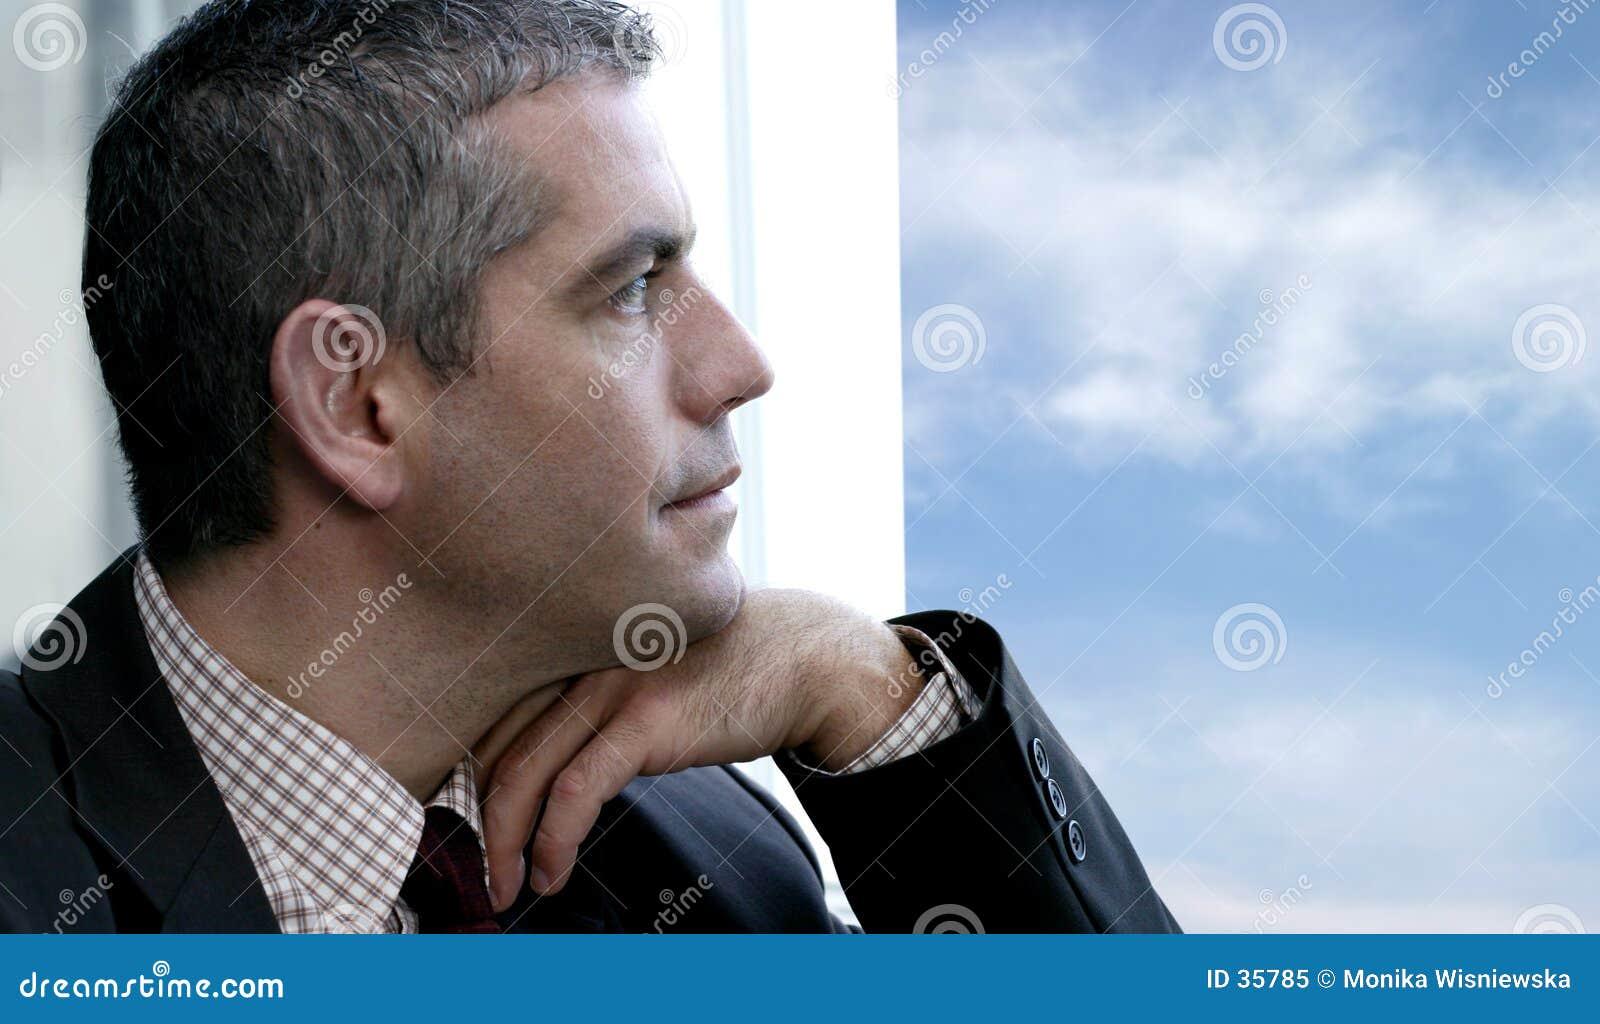 Człowiek patrzy przez okno